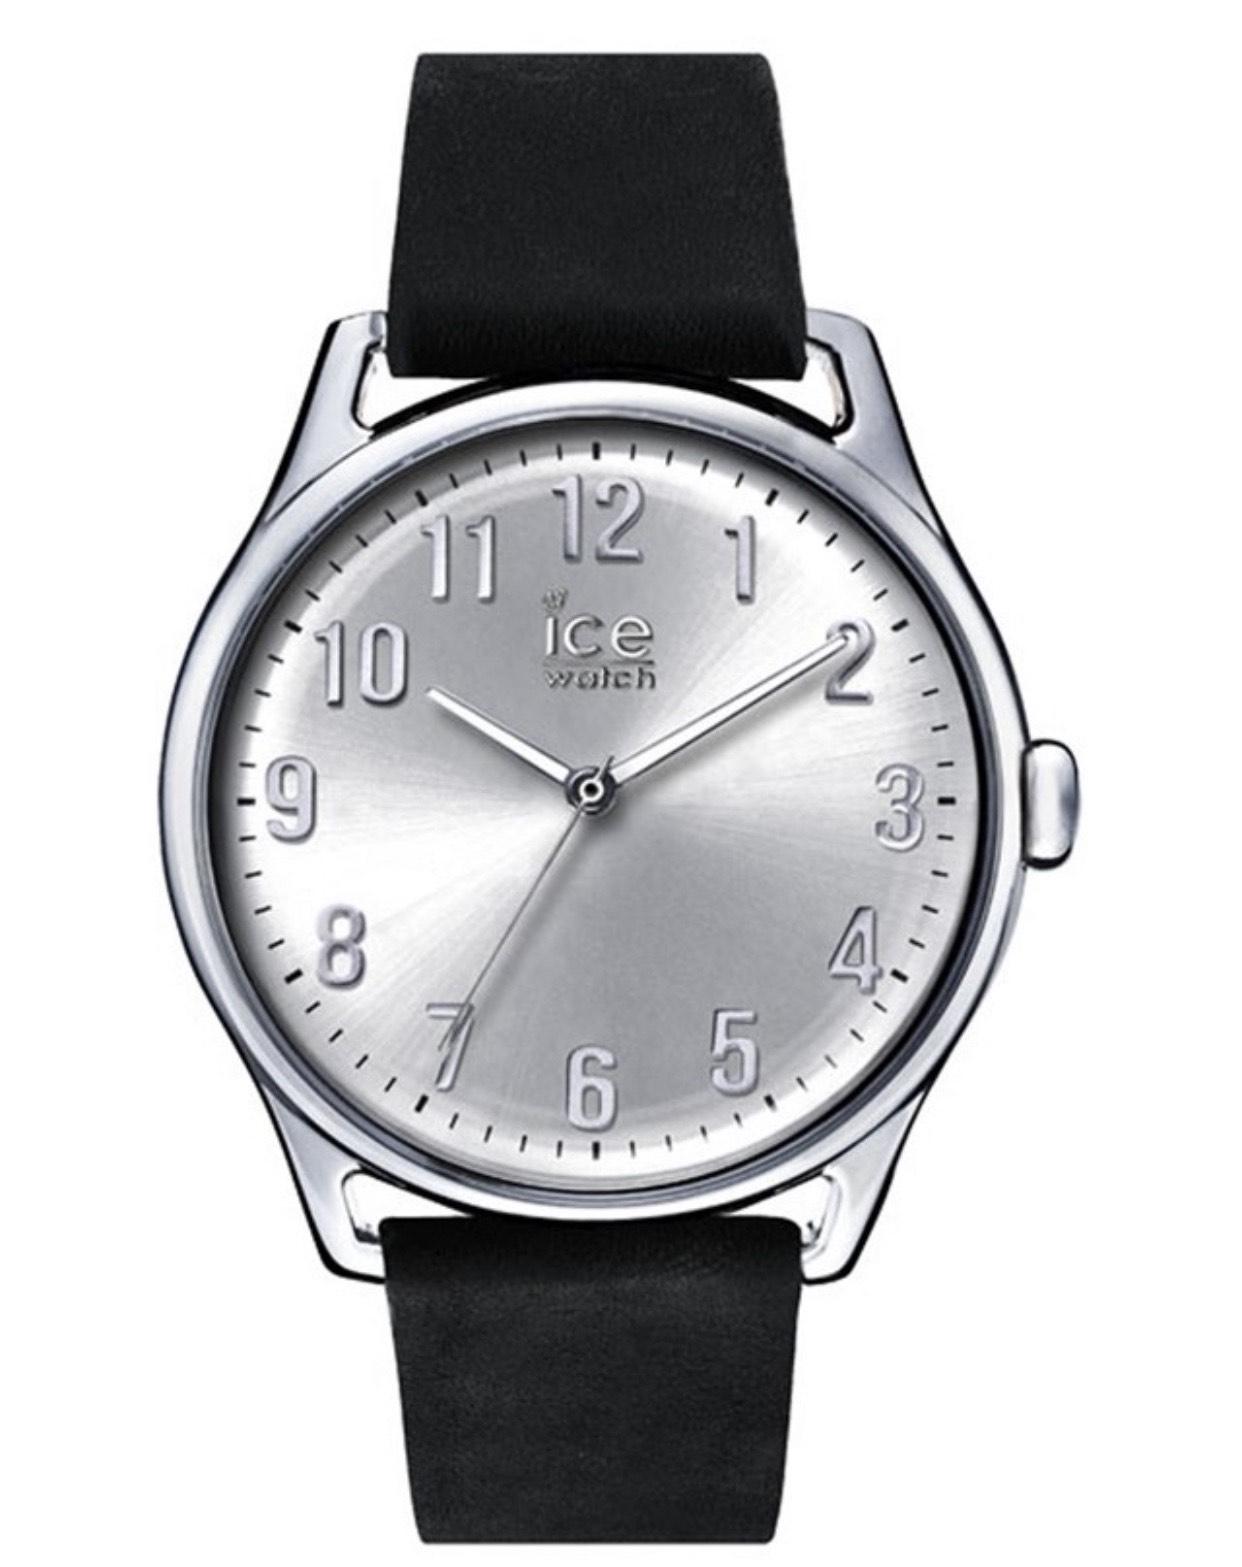 Sélection de montre Ice Watch en promotion - Ex: Montre à quartz en cuir ICE Time Large - Noir et argenté